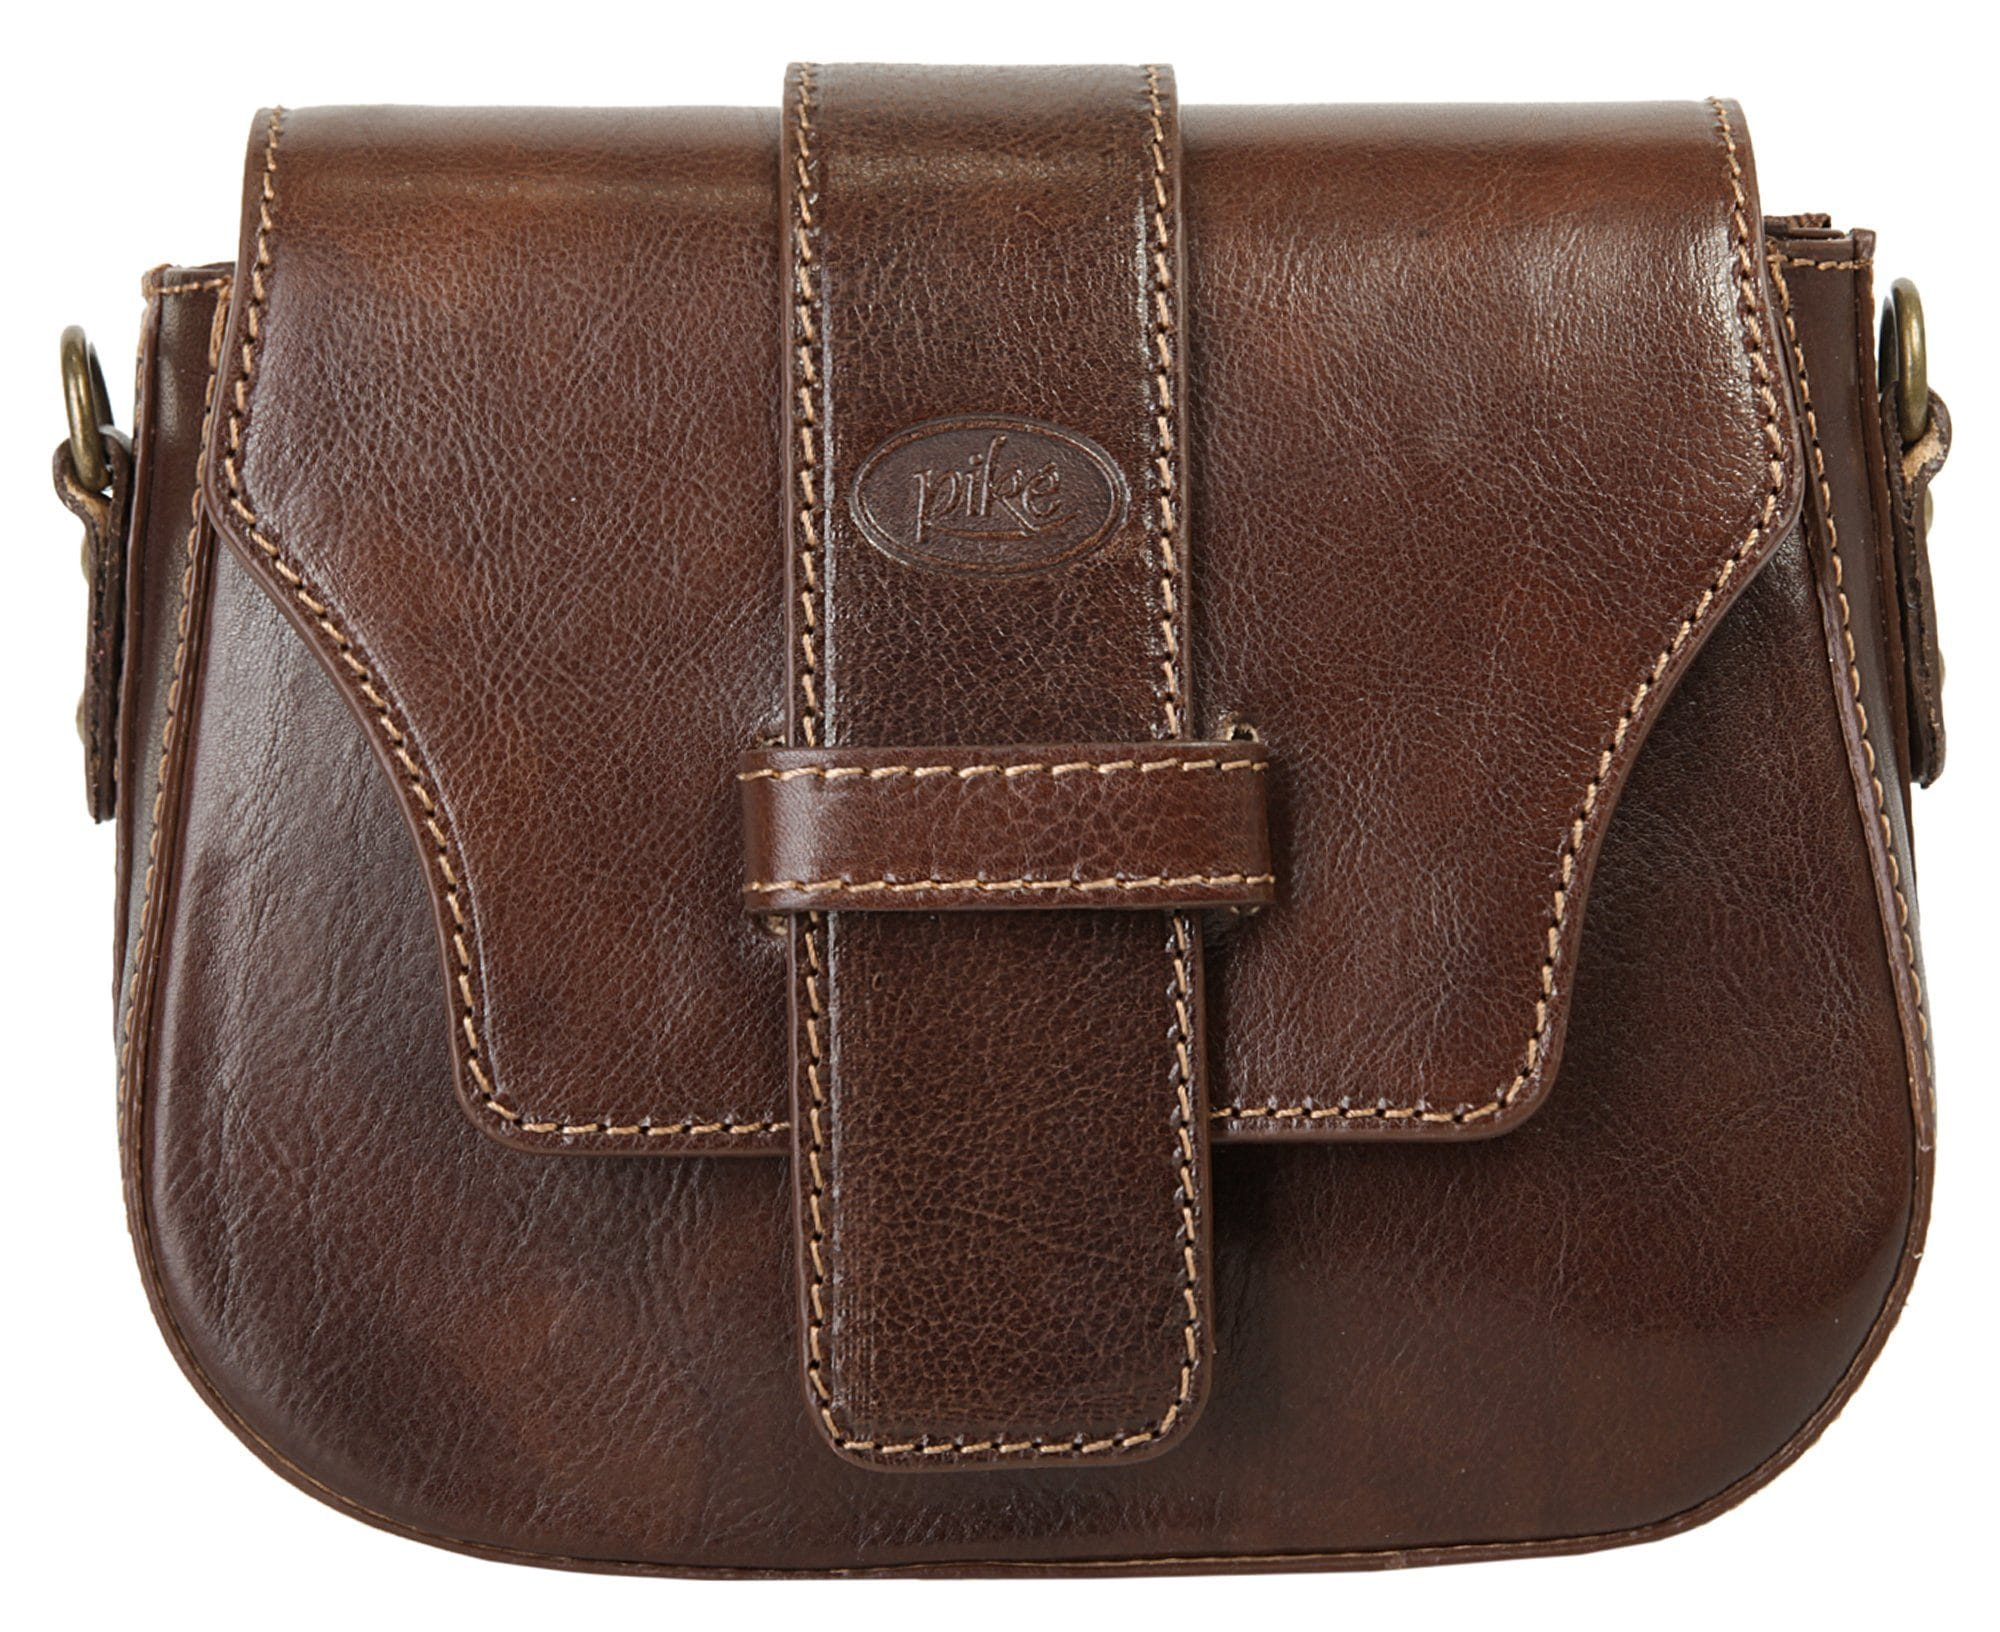 Piké Abendtasche | Taschen > Handtaschen > Abendtaschen | Braun | Leder | Piké